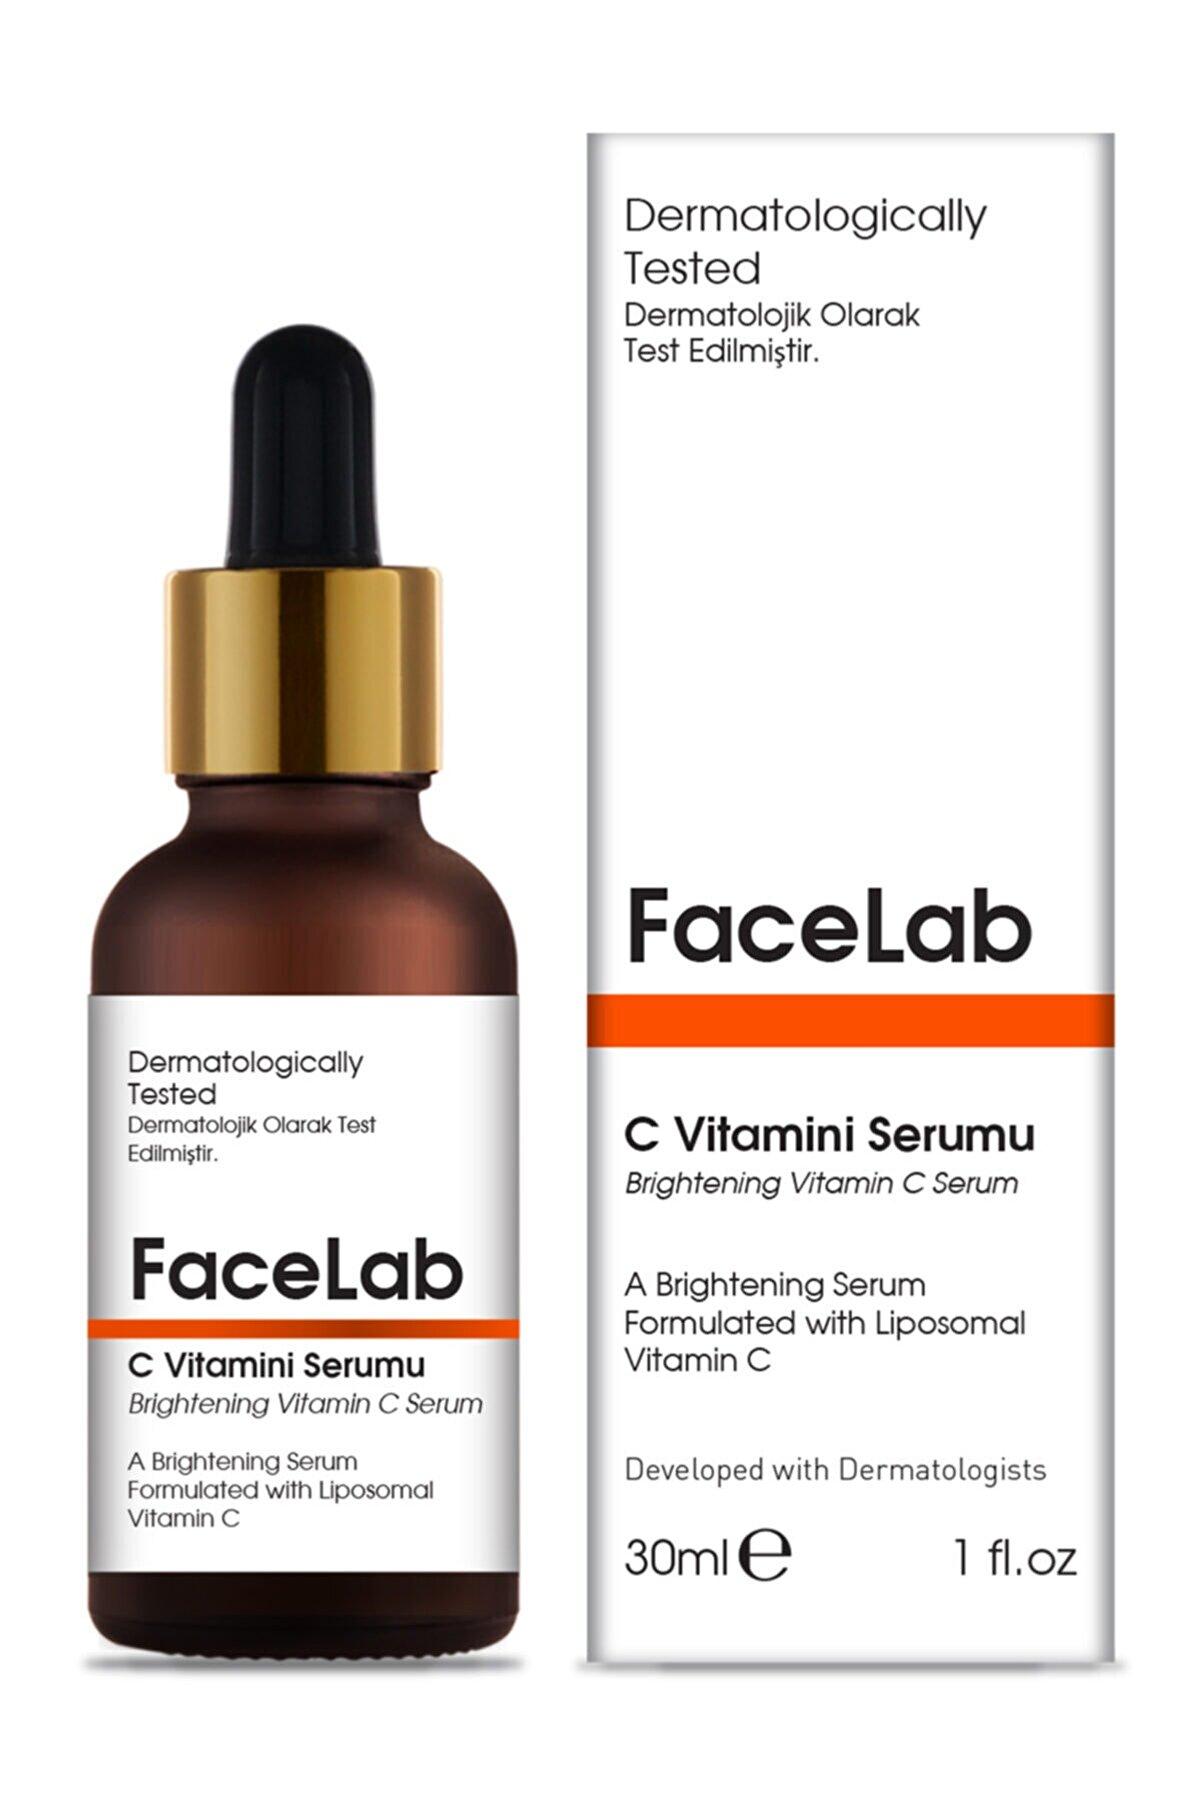 FaceLab Aydınlatıcı C Vitamini Serumu 30 Ml